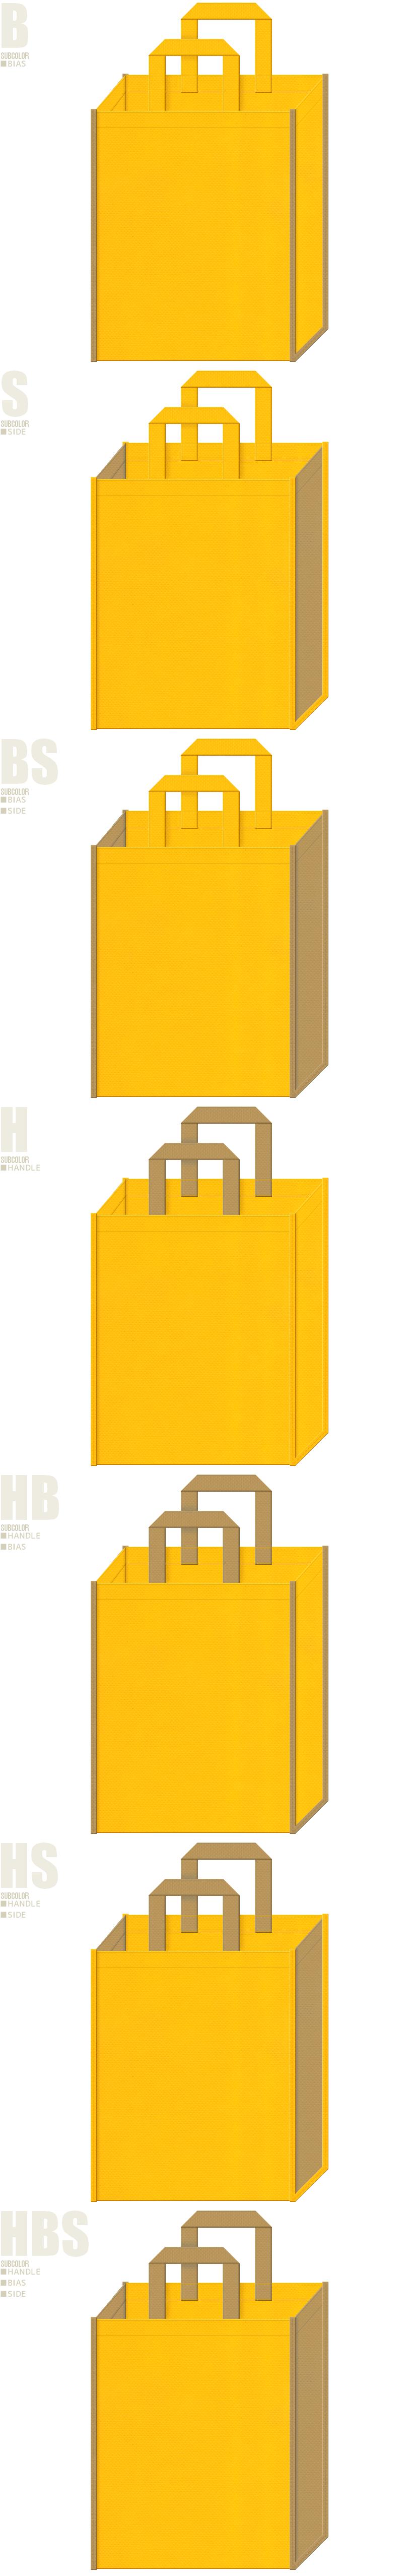 はちみつ・マスタード・マロンケーキ・カレーパン・ベーカリー・安全用品・工具・DIYのイベント・砂漠・ラクダ・お宝・ゴールド・ピラミッド・テーマパーク・ゲーム・キッズイベントにお奨めの不織布バッグデザイン:黄色と金黄土色の配色7パターン。